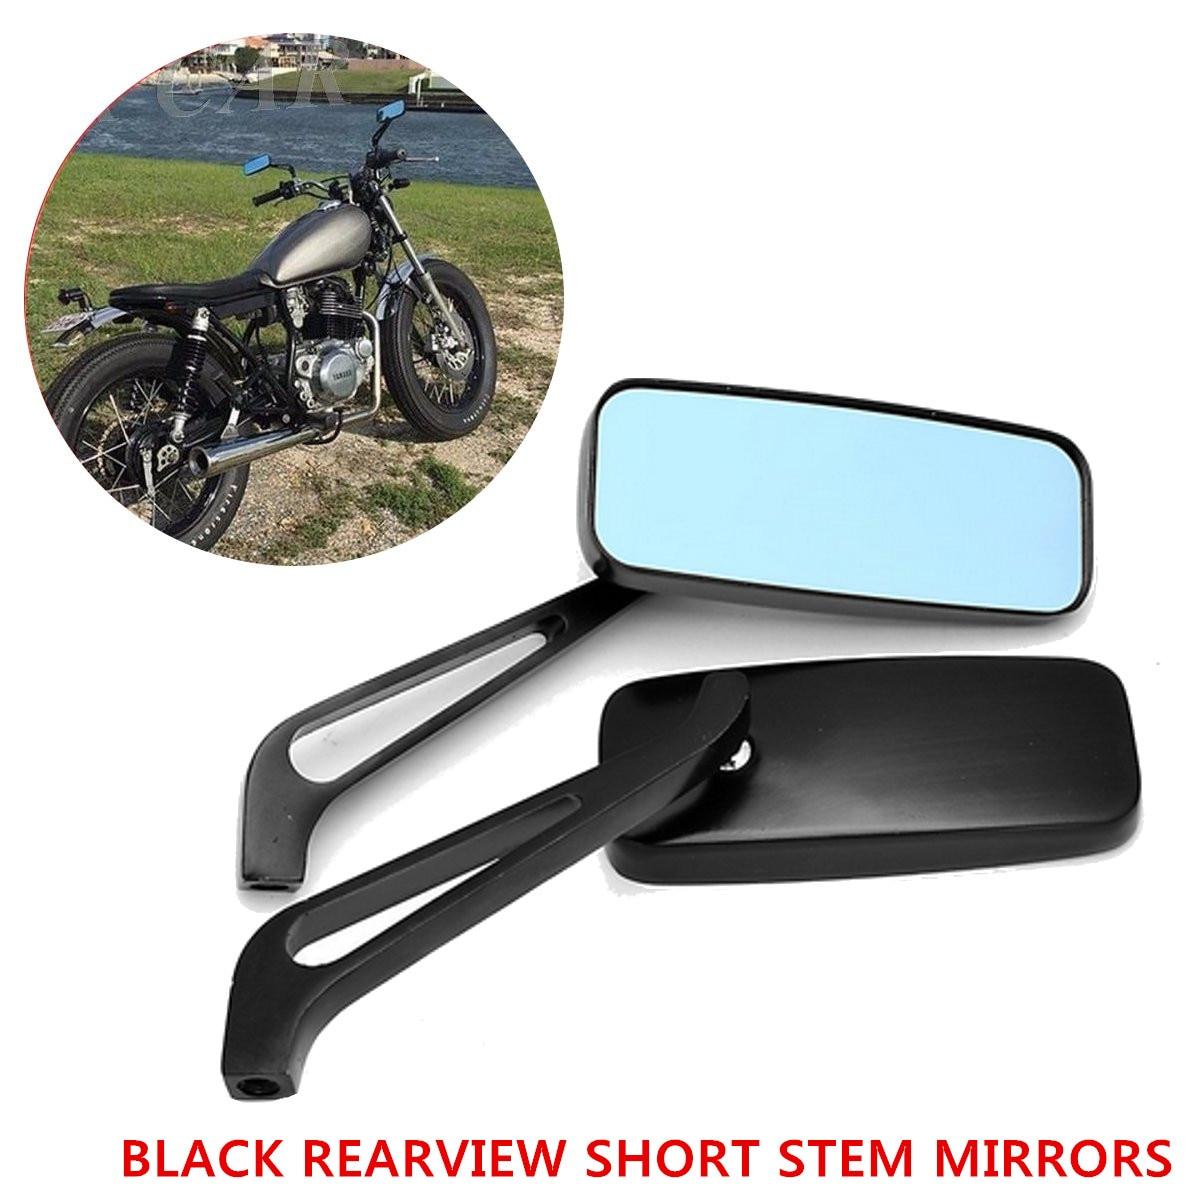 1 Paar Zwarte Korte Steel Achteruitkijkspiegels Voor Harley-davidson Dyna Electra Glide Ijzer 883/fatboy Road Glide Sportster Street Glide